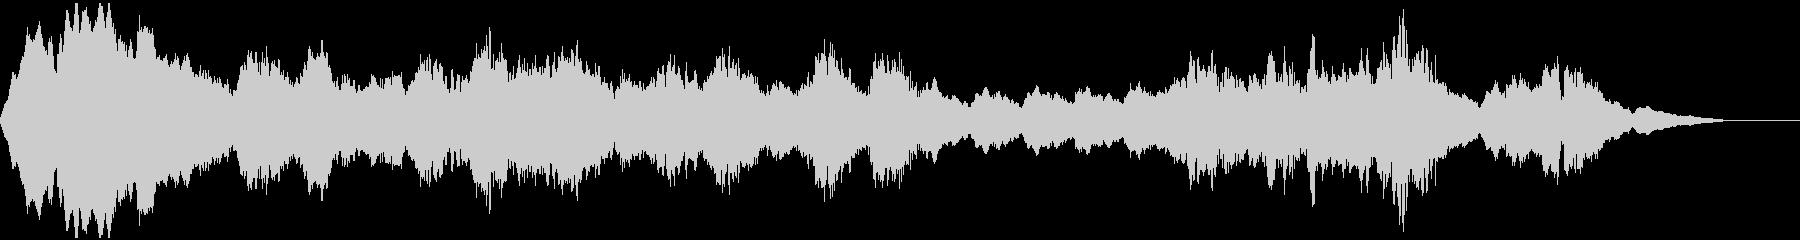 ホラーダークなアンビエントの未再生の波形